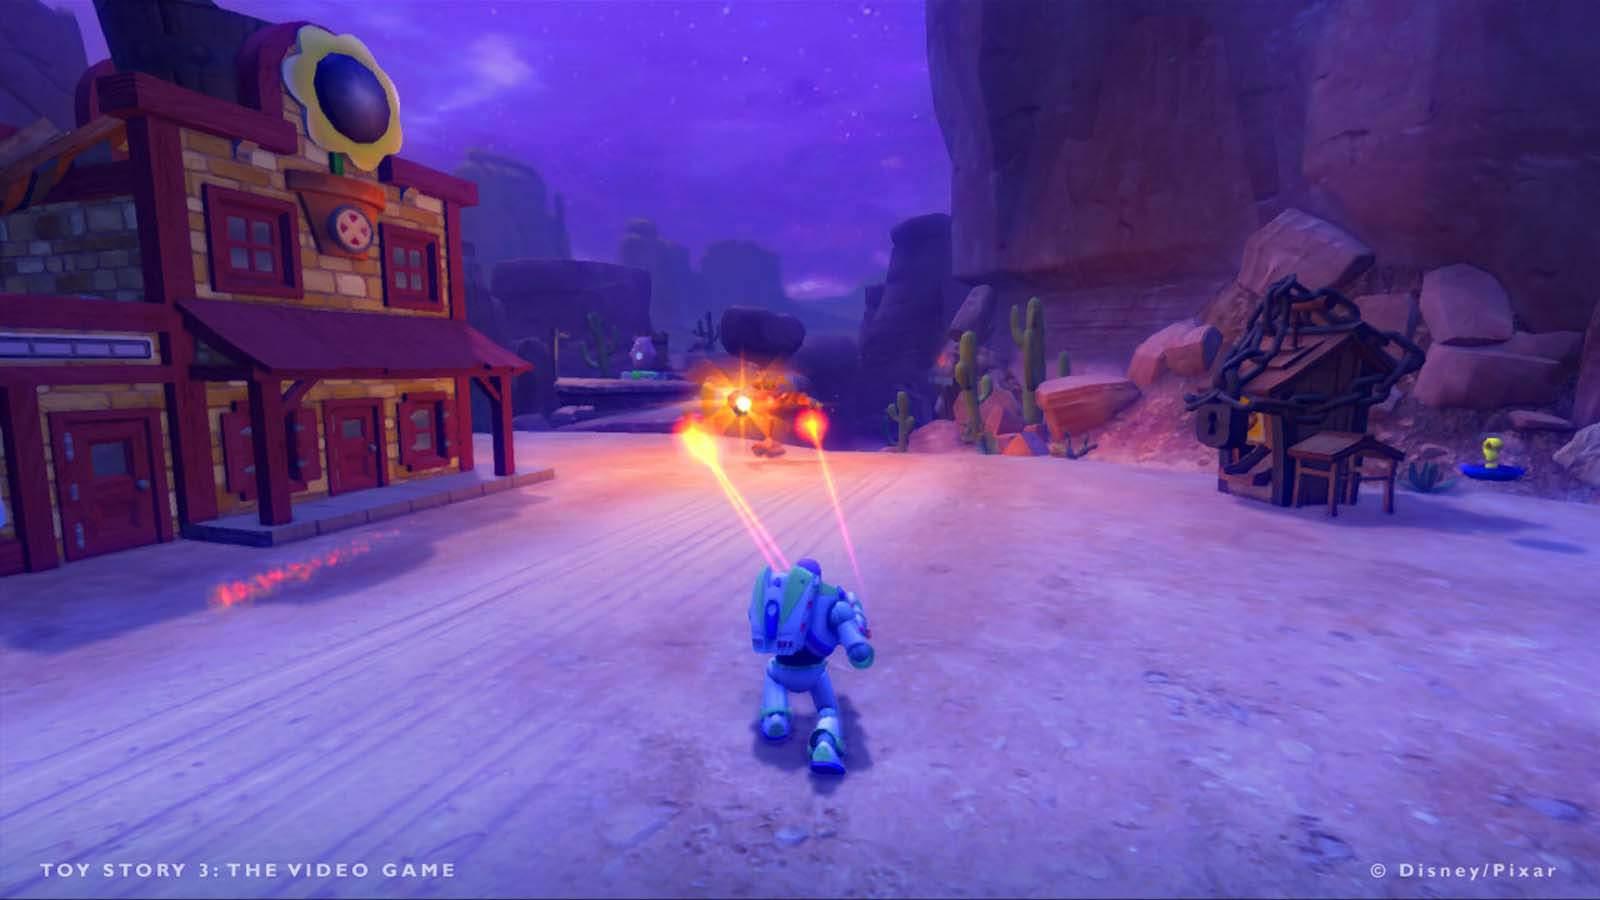 تحميل لعبة Toy Story 3 مضغوطة كاملة بروابط مباشرة مجانا